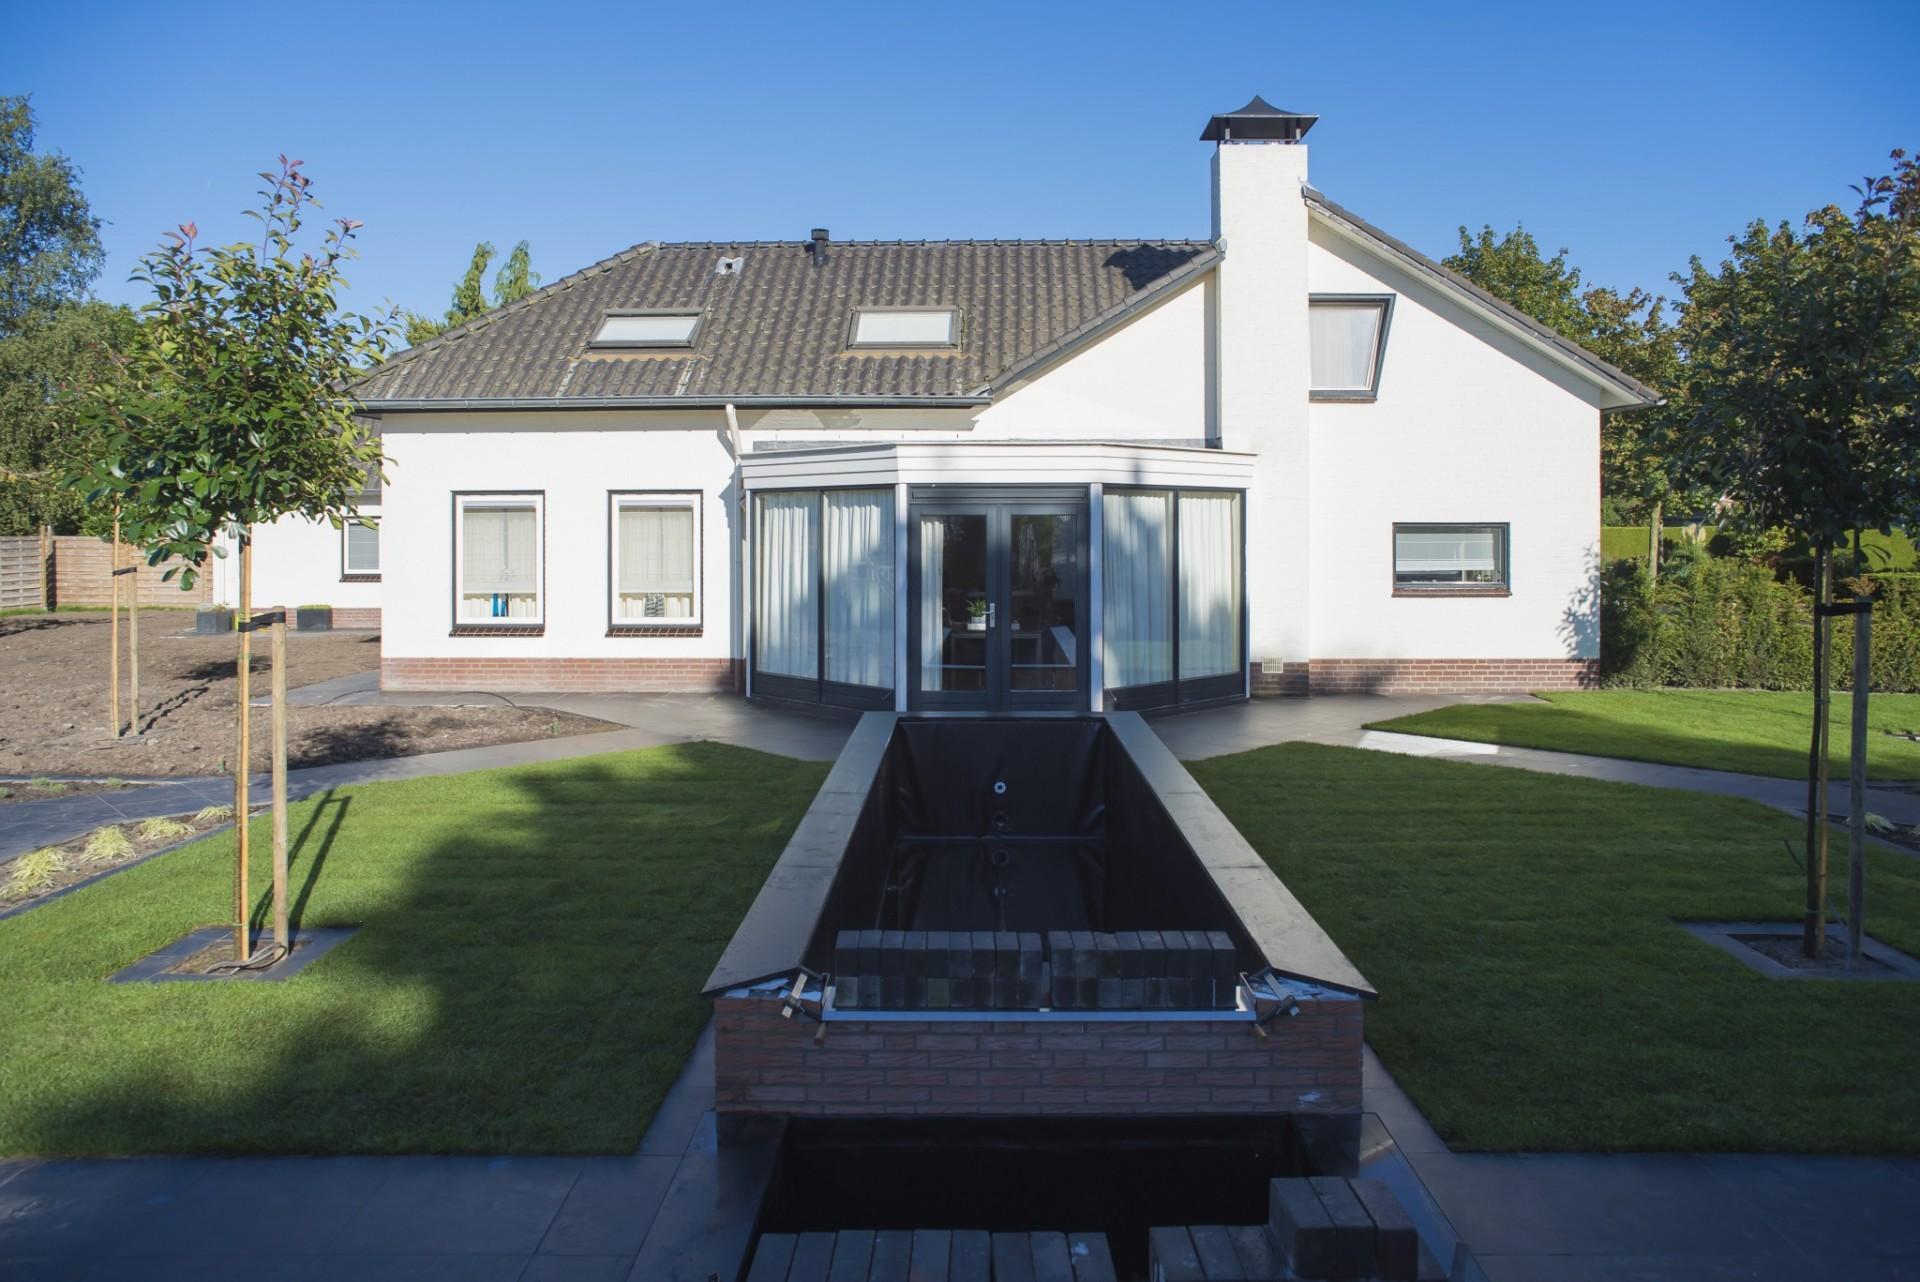 Fam bontrup landhorst moderne tuin met verdiept terras en